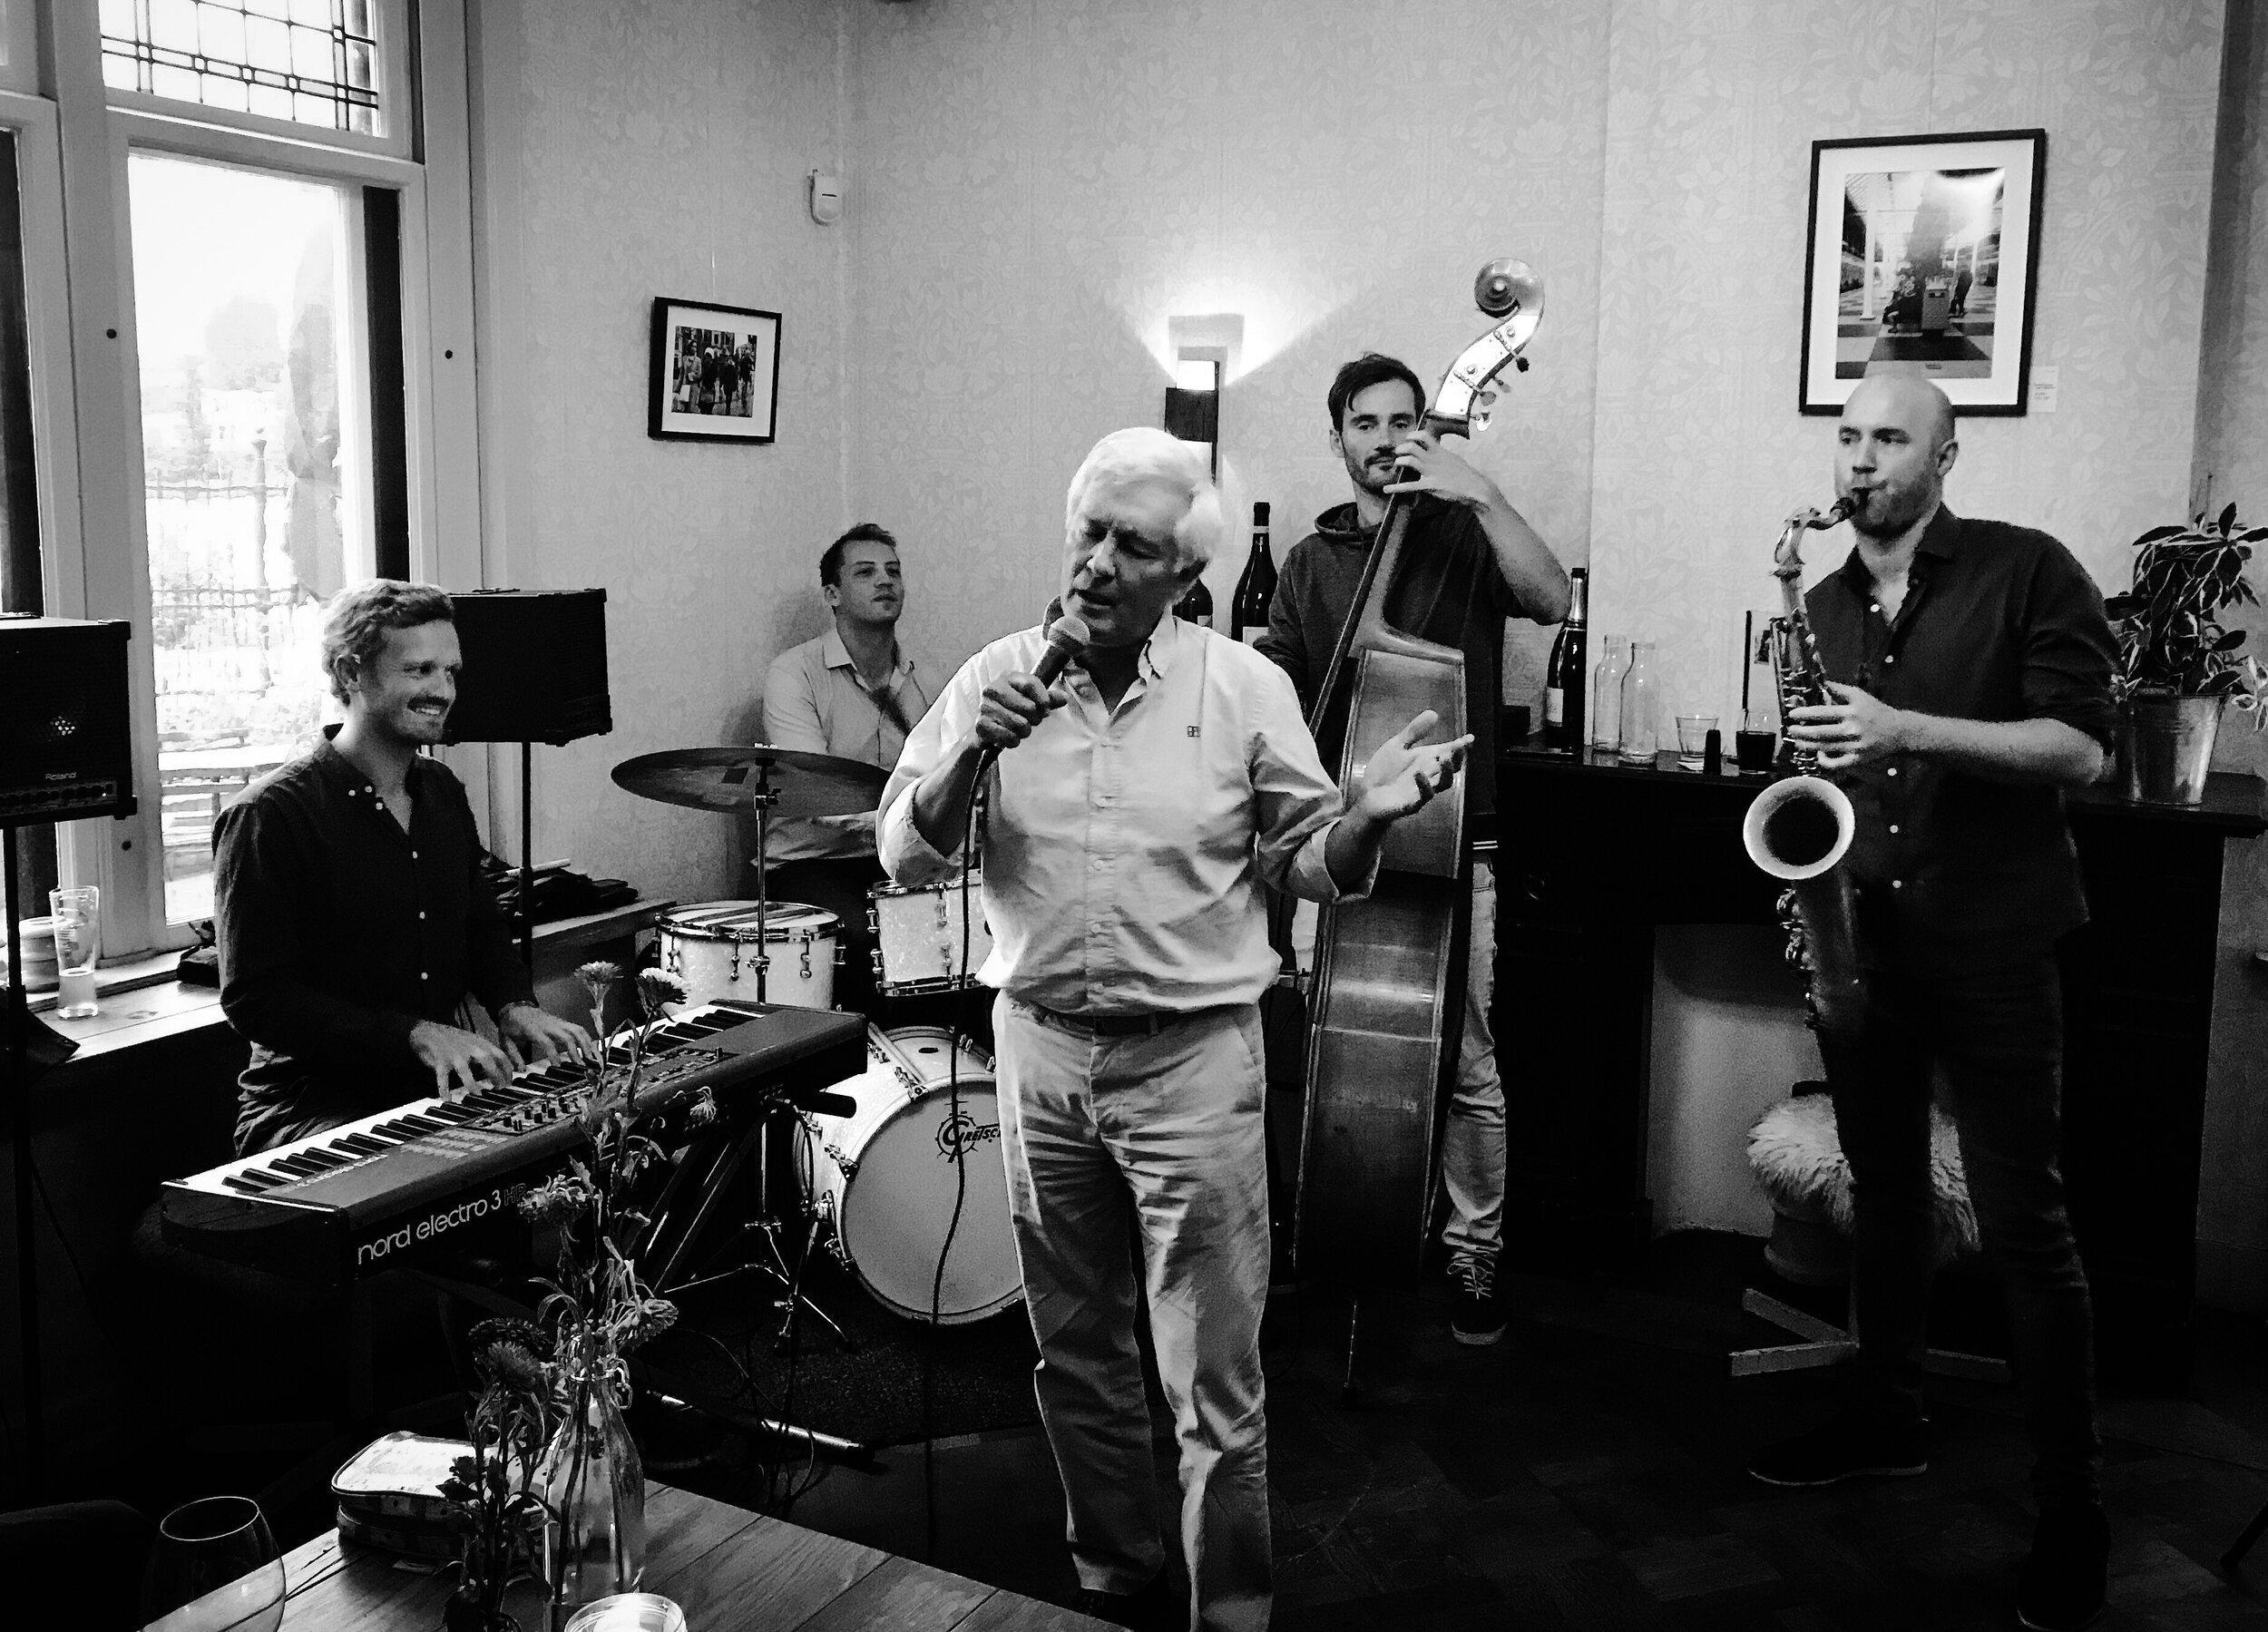 Zondag 3 november & 8 december is    Erik Verwey   te gast. Hij is Jazzpianist en treedt ook op met zijn eigen Jazz kwartet. Na afronding van het conservatorium heeft Erik Verwey zich ontwikkeld als Jazz Artiest waarbij hij zijn eigen Jazz Kwartet opgezet heeft. Hij heeft met veel (internationaal) gelauwerde jazz artiesten gespeeld zoals o.a. Anton Goudsmit, Morris Kliphuis, Thomas Rolff, Caspar van Wijk, Jasper van Damme, Lorren Rettich, Anne Chris en Sanne Huijbregts.